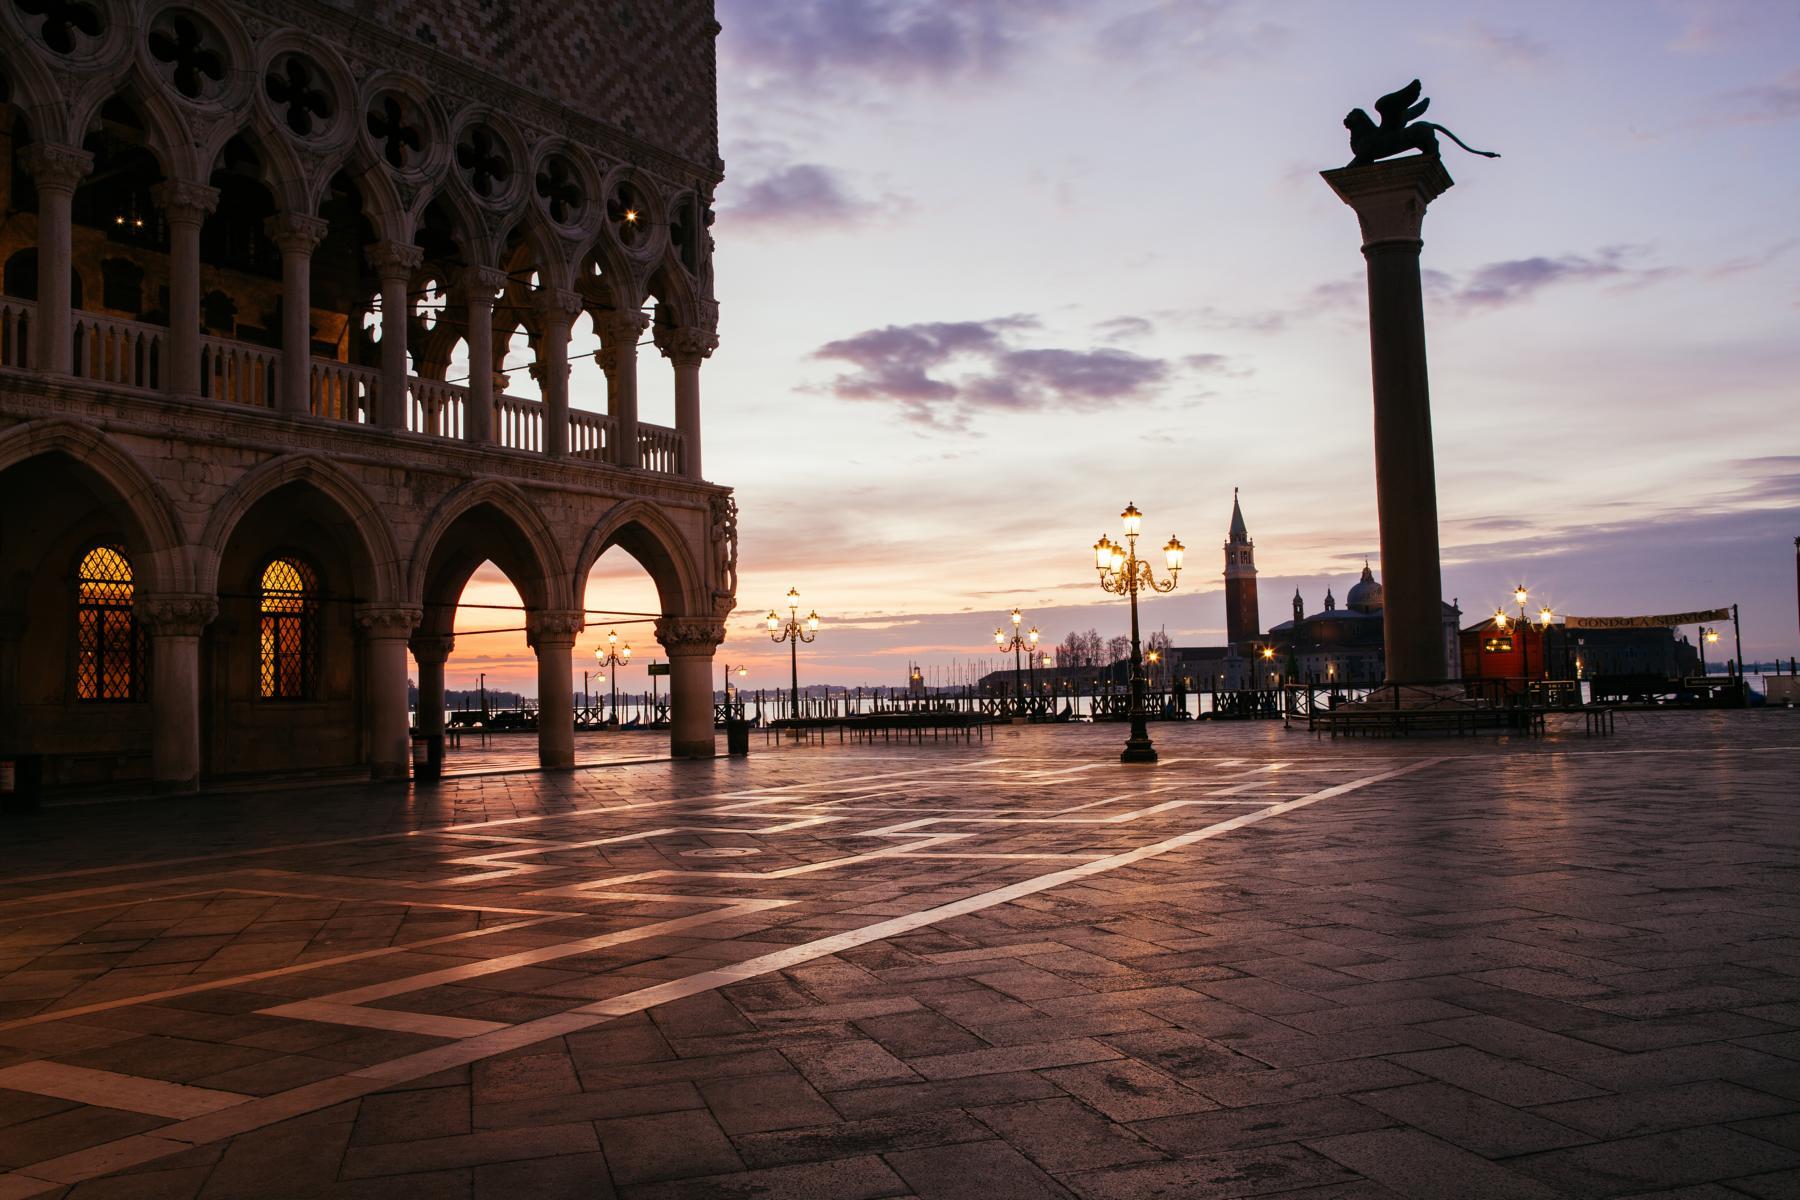 Landausflug in Venedig auf einer Kreuzfahrt mit der Silver Wind von Silversea Cruises